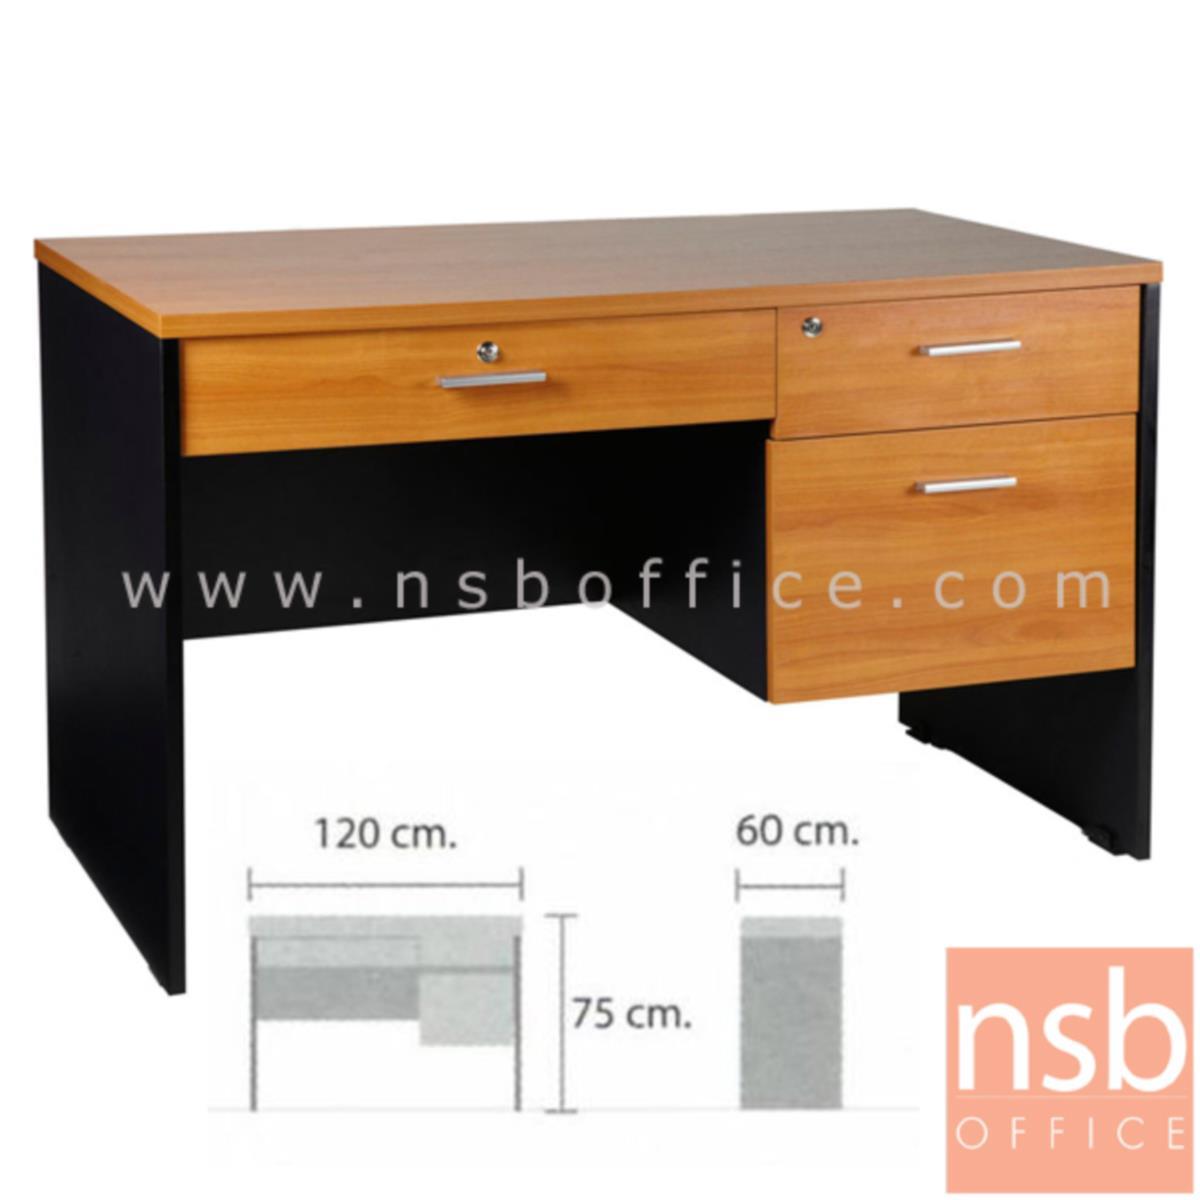 A12A049:โต๊ะทำงาน 3 ลิ้นชัก รุ่น Arpels (อาเพลส์) ขนาด 120W ,135 ,150 ,160 cm.  เมลามีน